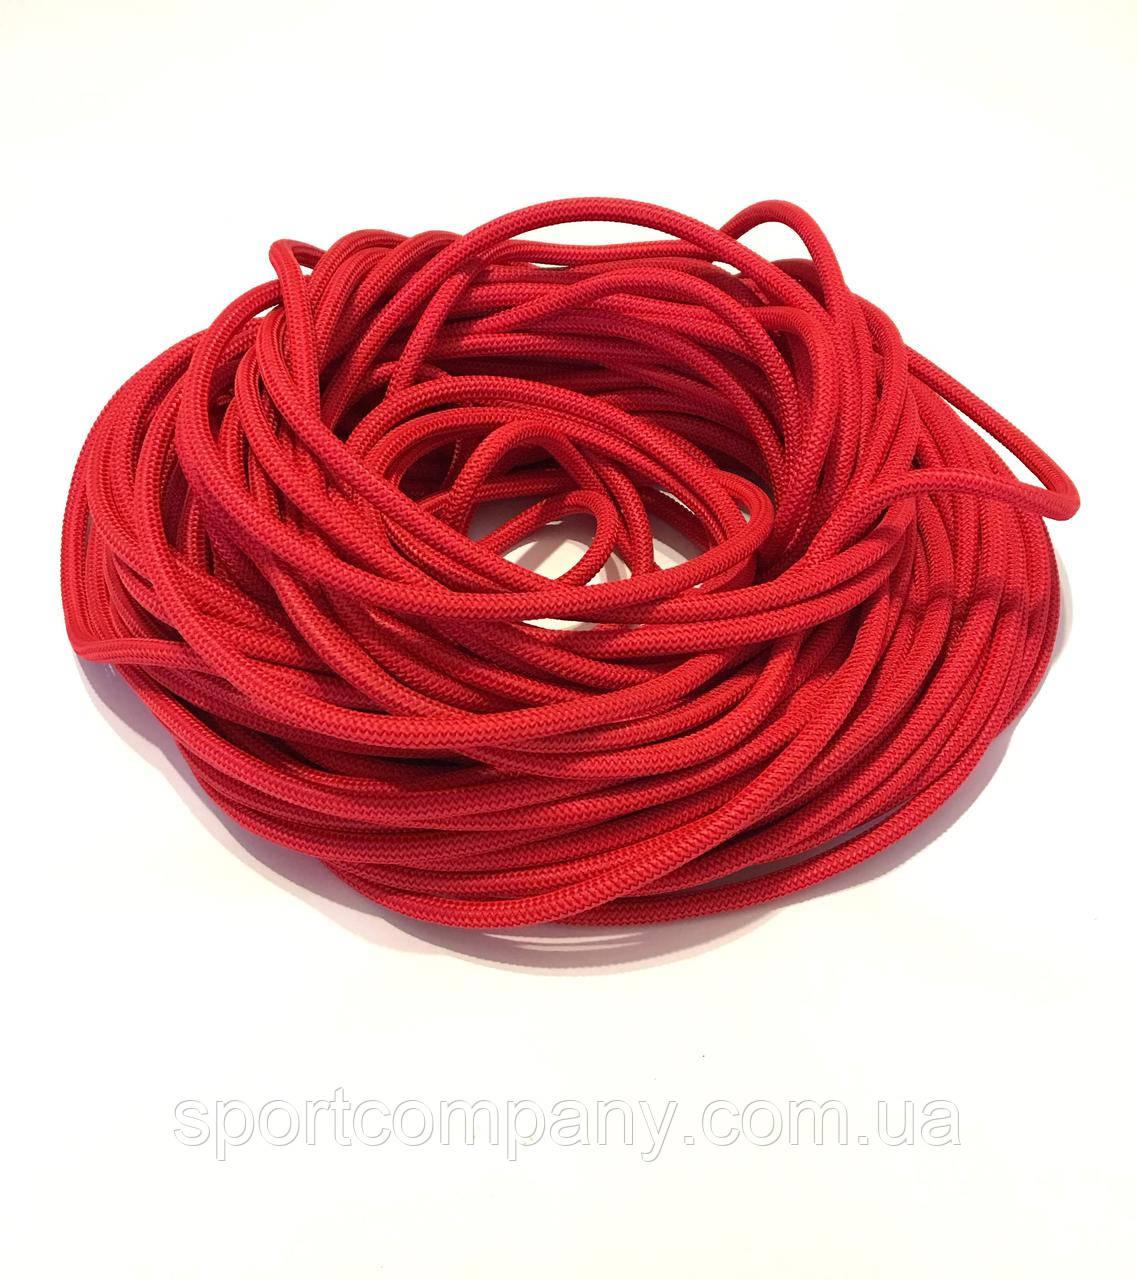 Жгут спортивный резиновый в тканевой оплетке ( резина, d-10 мм, I-100 см, красный ) rez.zhyt10red